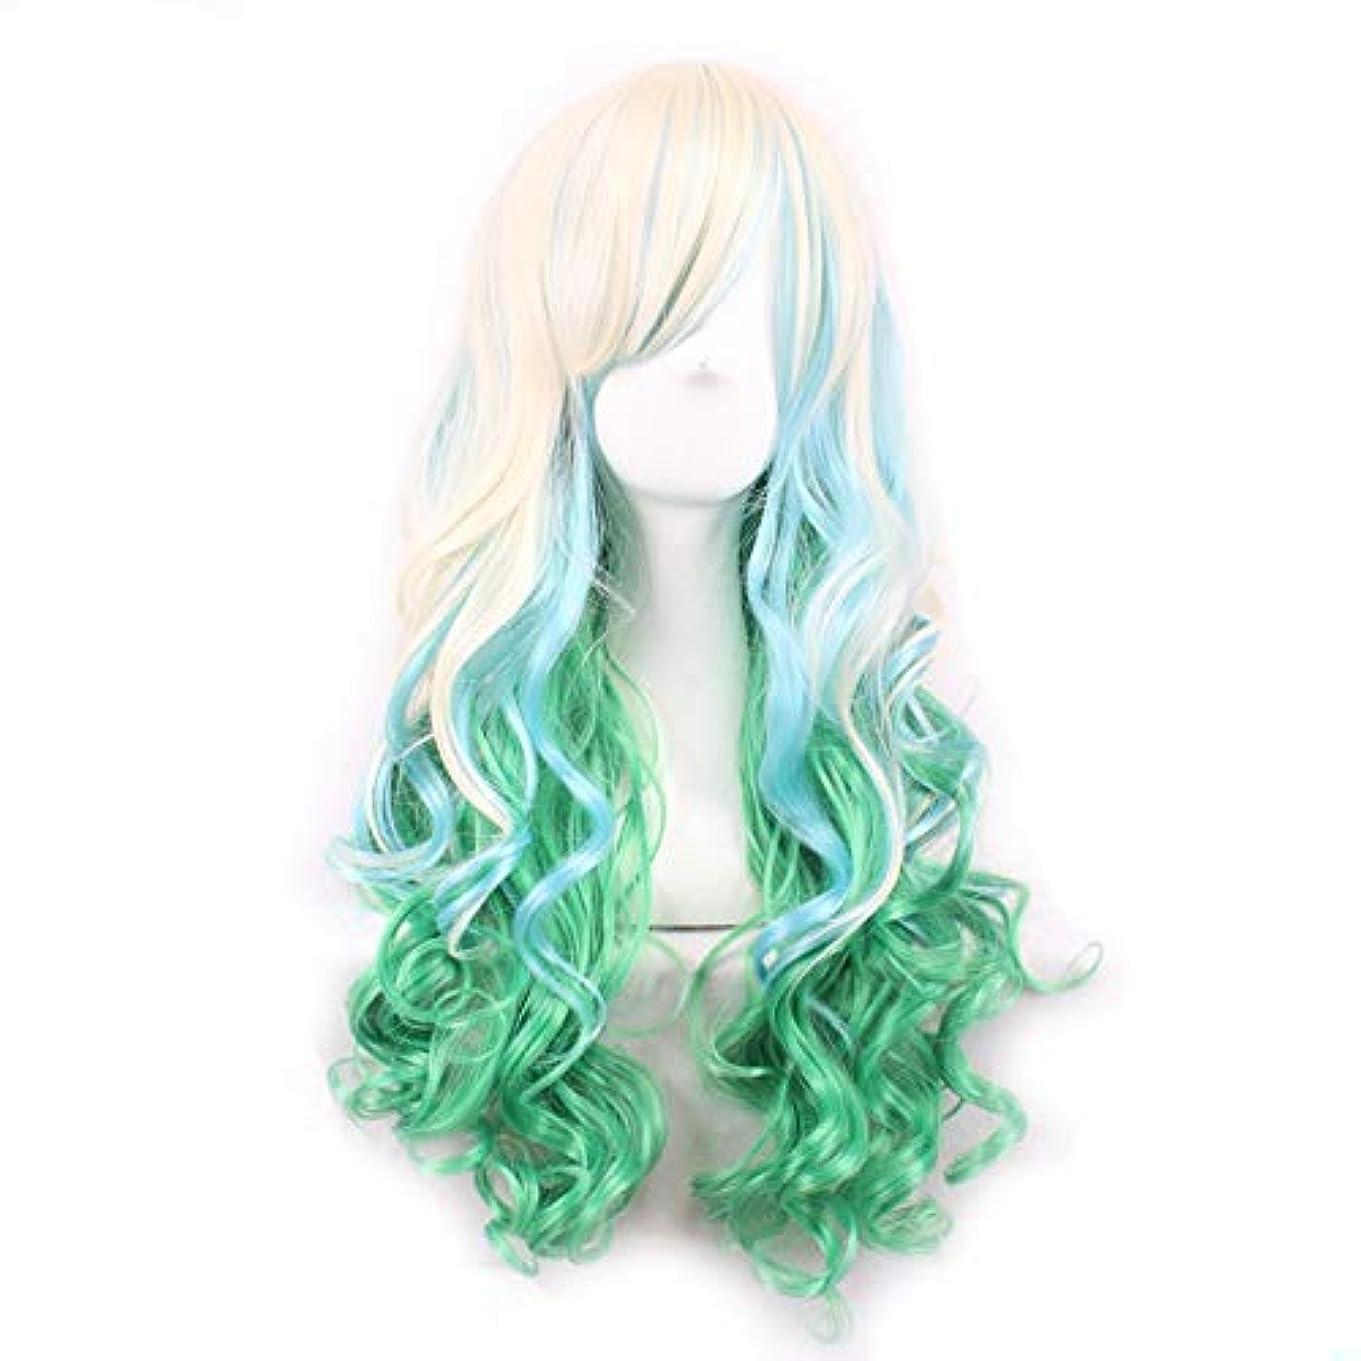 怠惰敵意うぬぼれウィッグキャップでかつらファンシードレスカールかつら女性用高品質合成毛髪コスプレ高密度かつら女性&女の子用グリーン、ダークグリーン (Color : 緑)